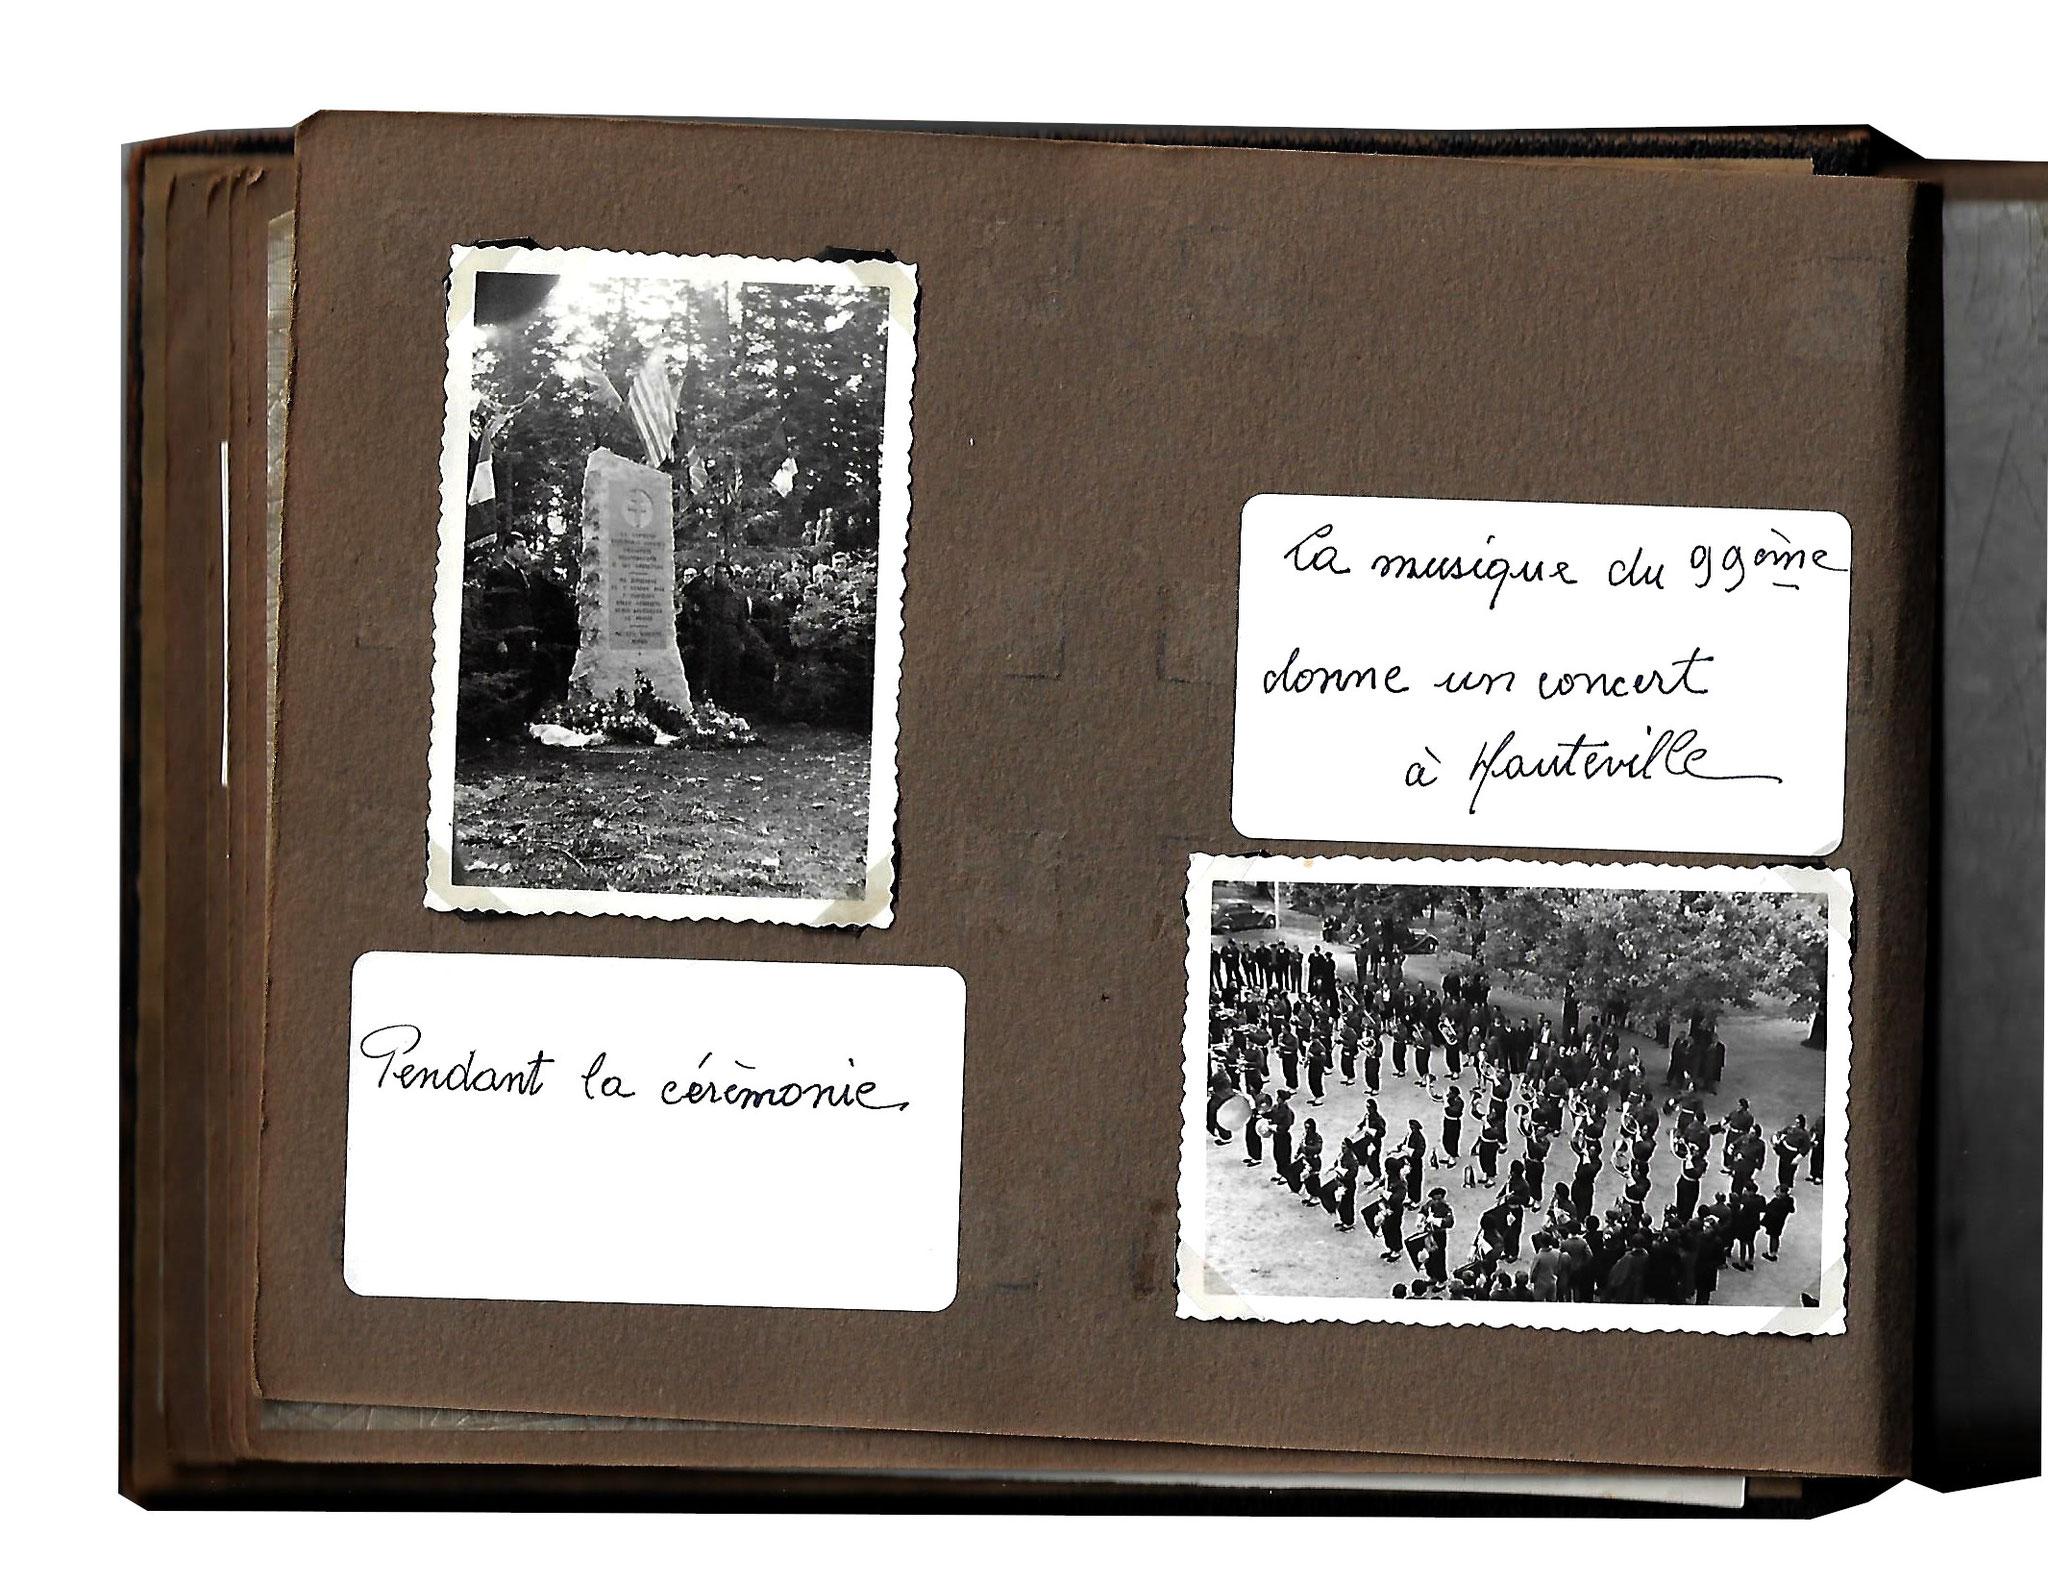 1946. Album de l'inauguration de la stèle avant le transfert des corps au cimetière militaire de la Doua [Lyon] des aviateurs anglo-canadien